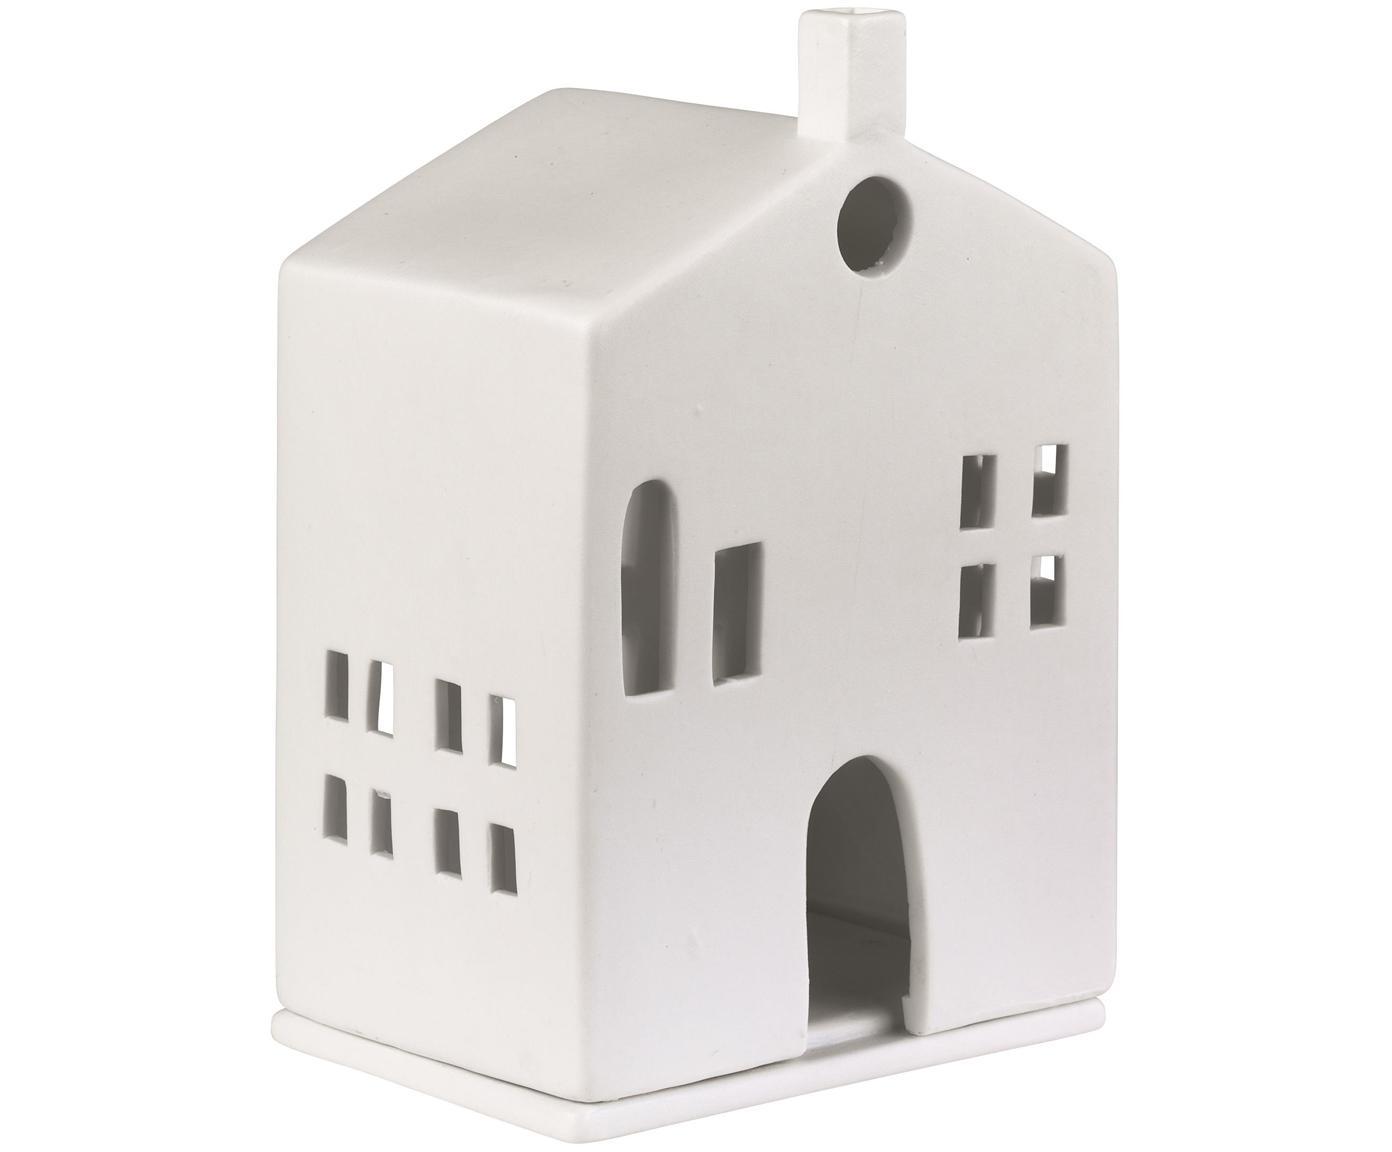 Teelichthalter Building, Porzellan, Weiss, 10 x 15 cm